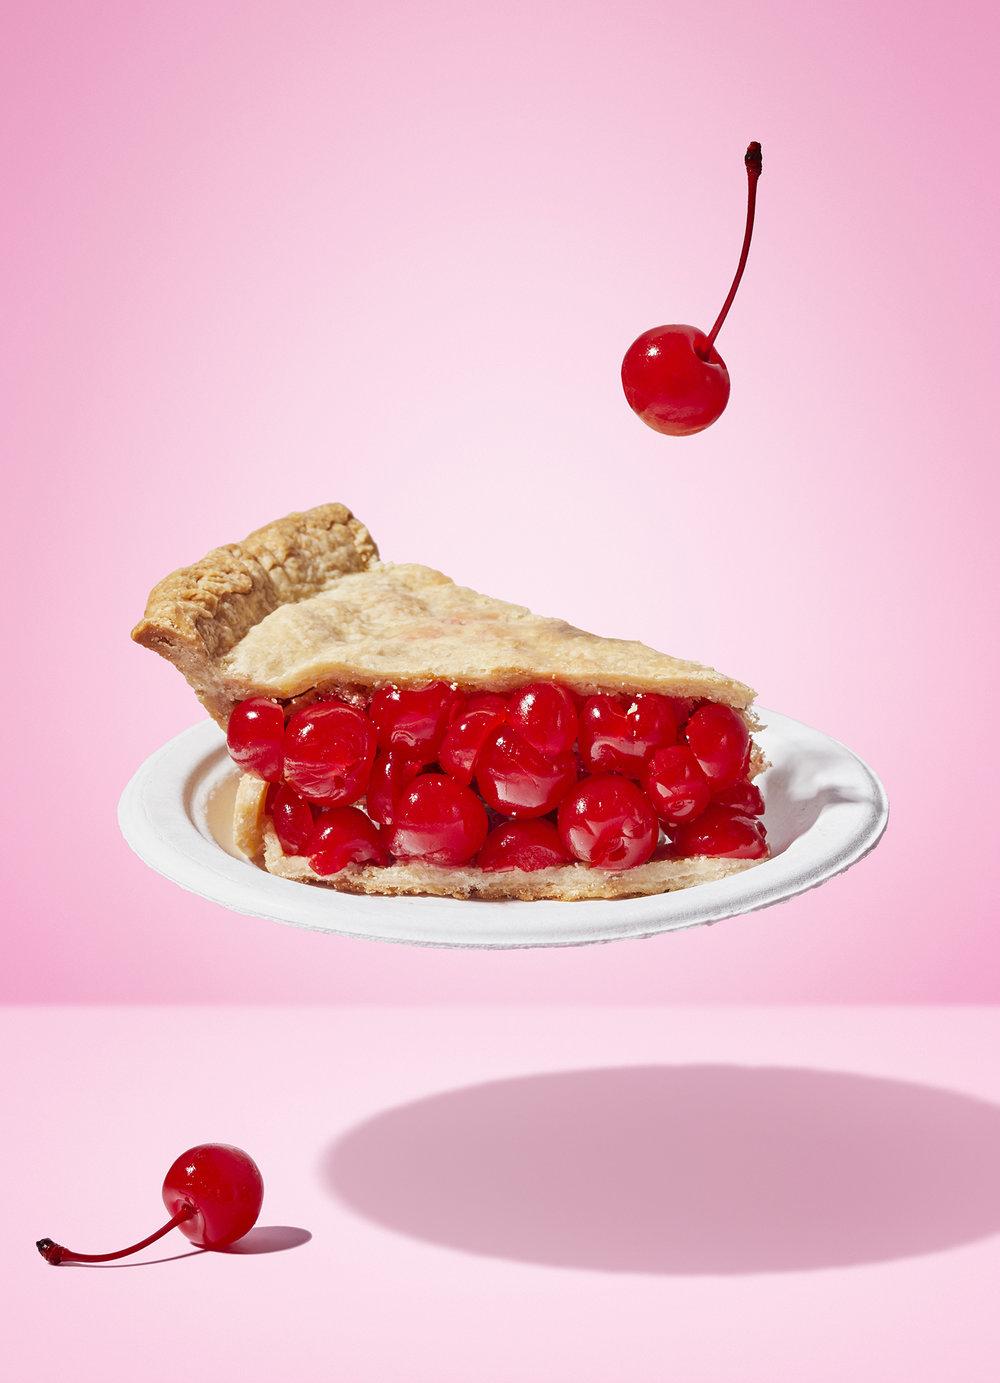 strain_game_Cherry_Pie.jpg